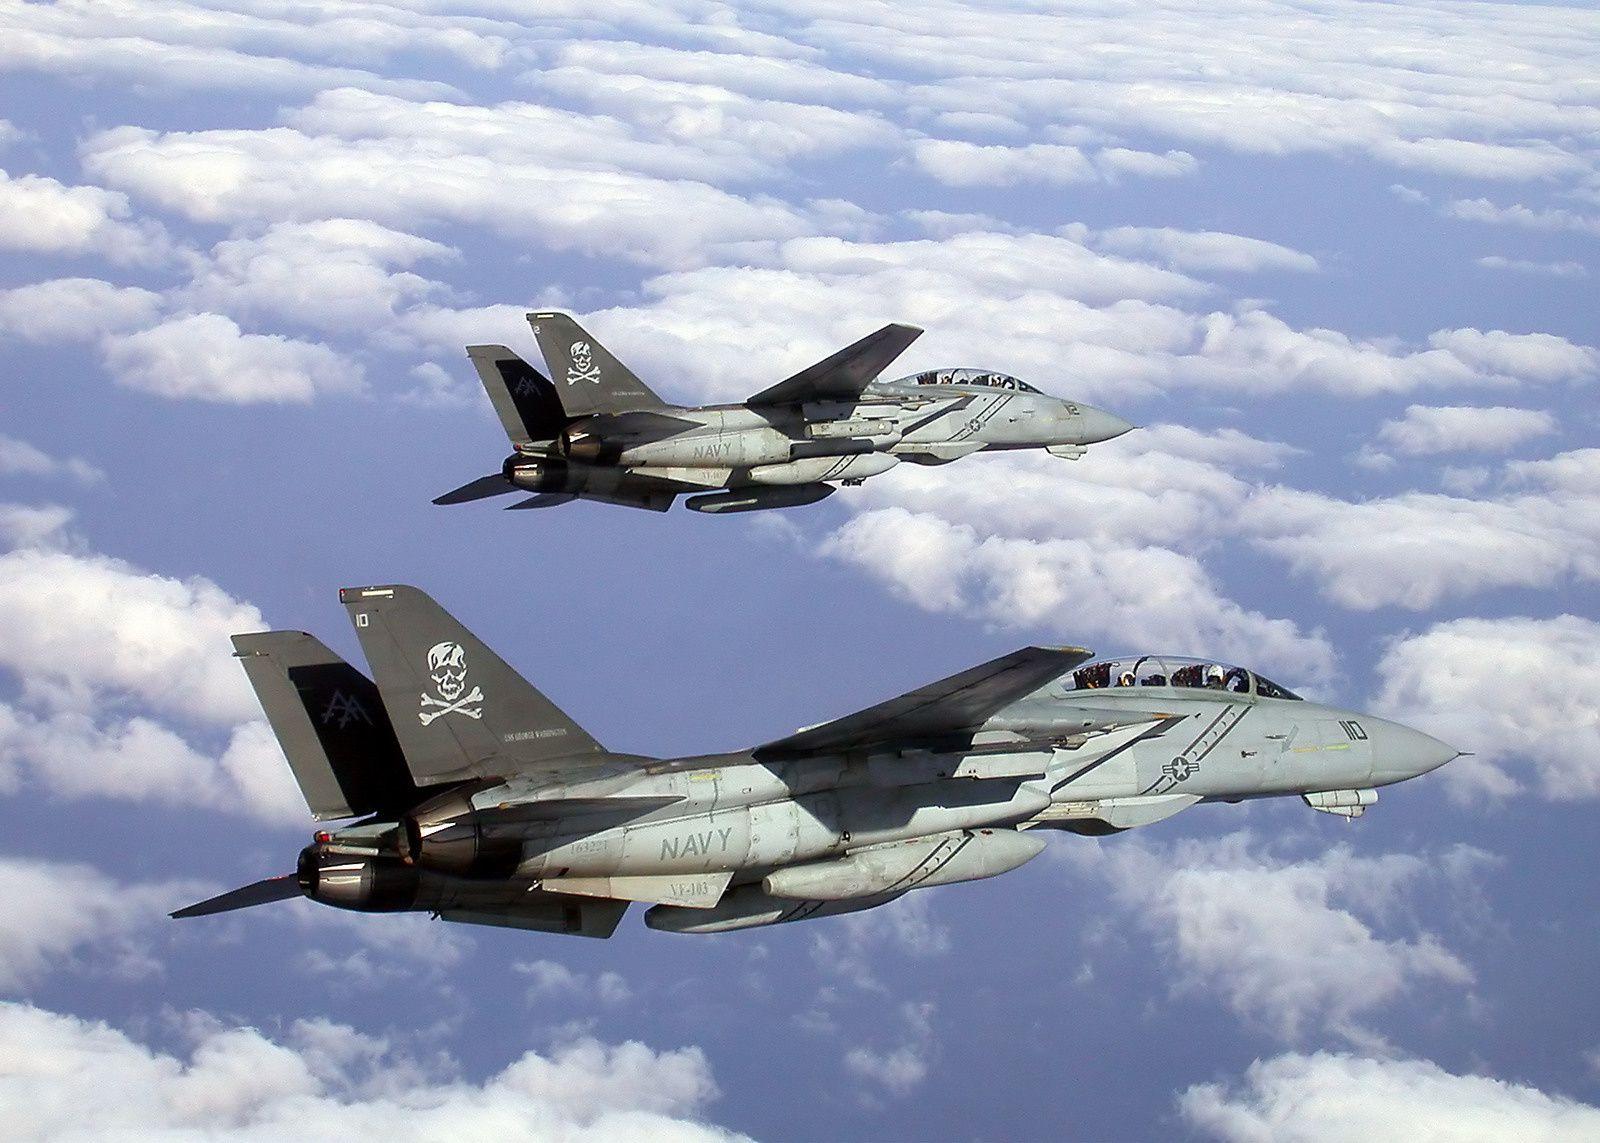 Deux F-14B de la VF-103 «Jolly Rogers» en vol au-dessus du golfe Arabique, en septembre 2002. Les pétales de réacteurs F110 sont particulièrement visibles.